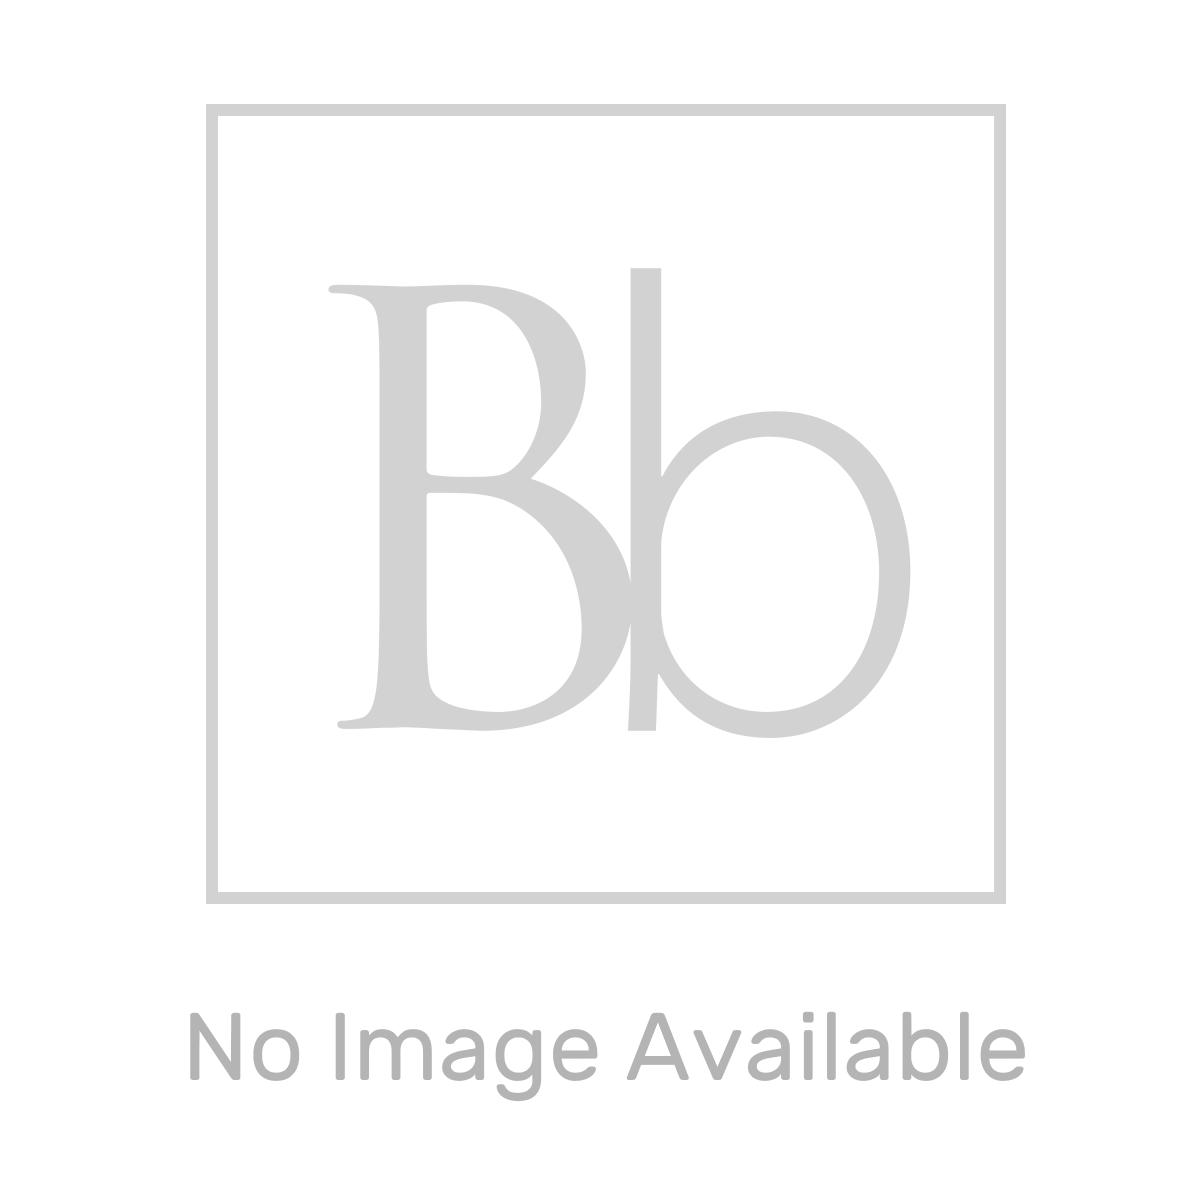 Aquadart Inline Hinged Recess Shower Door Detail 3